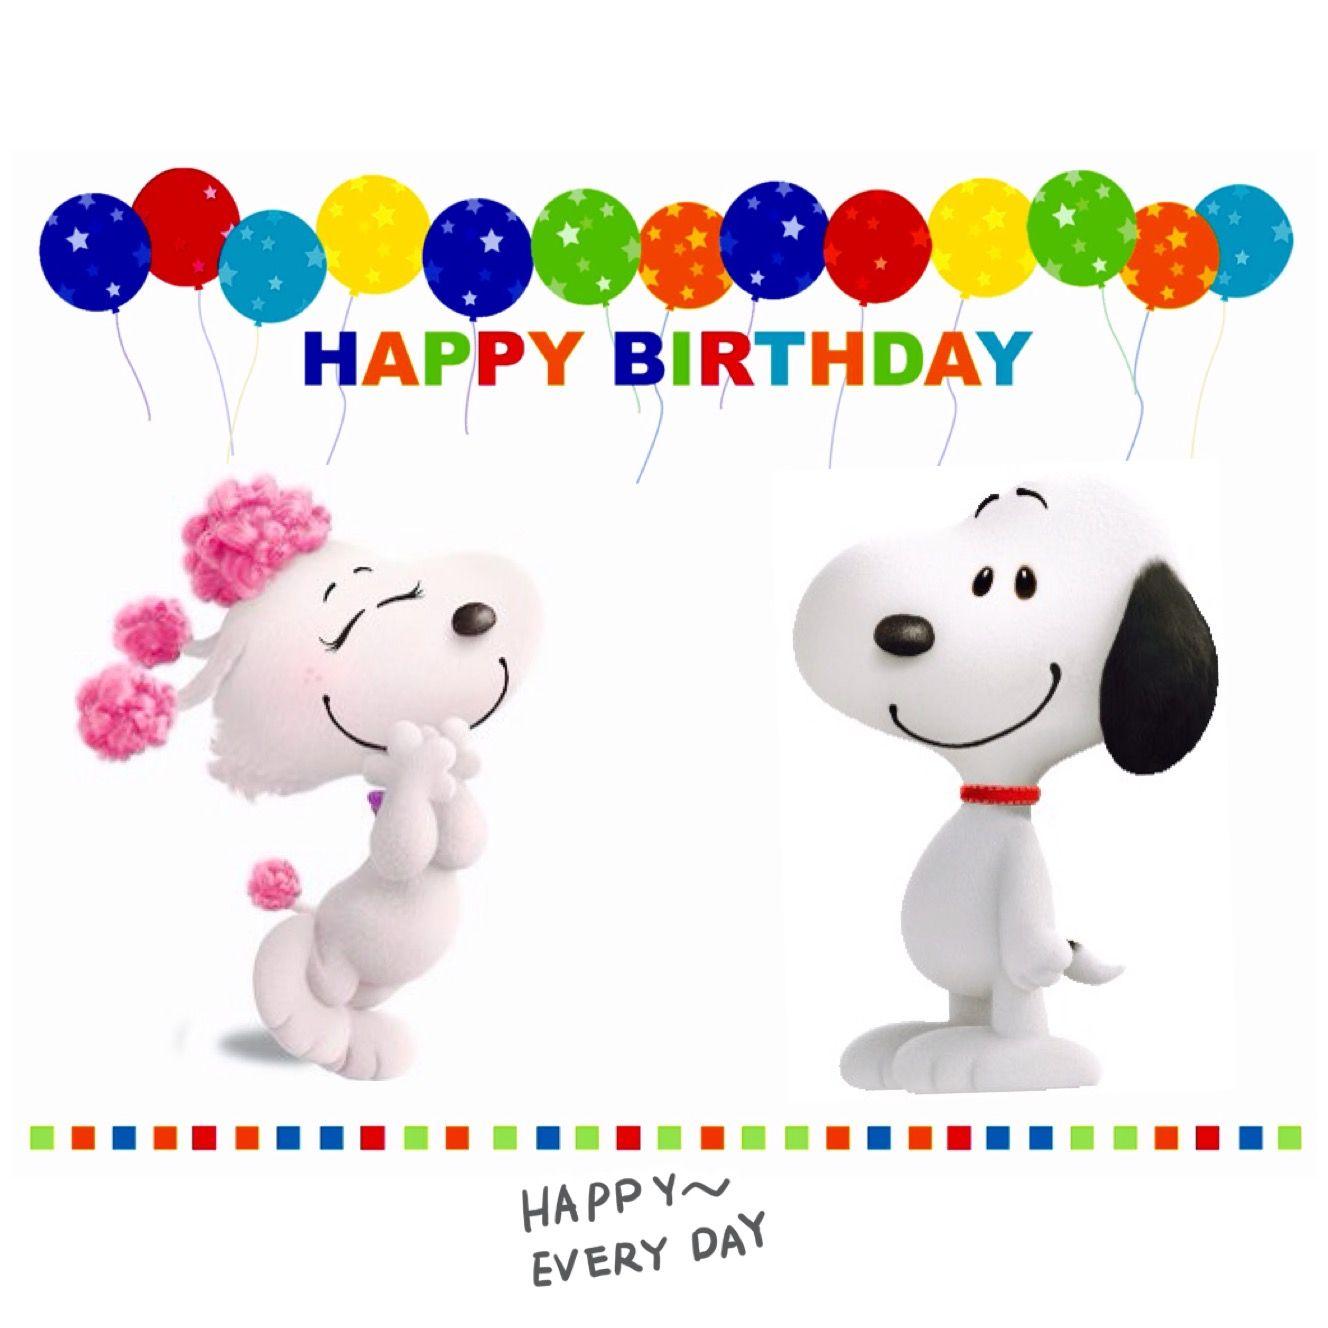 Flugzeug Spielzeug Ballon Text Geburtstagswunsche Flugzeug